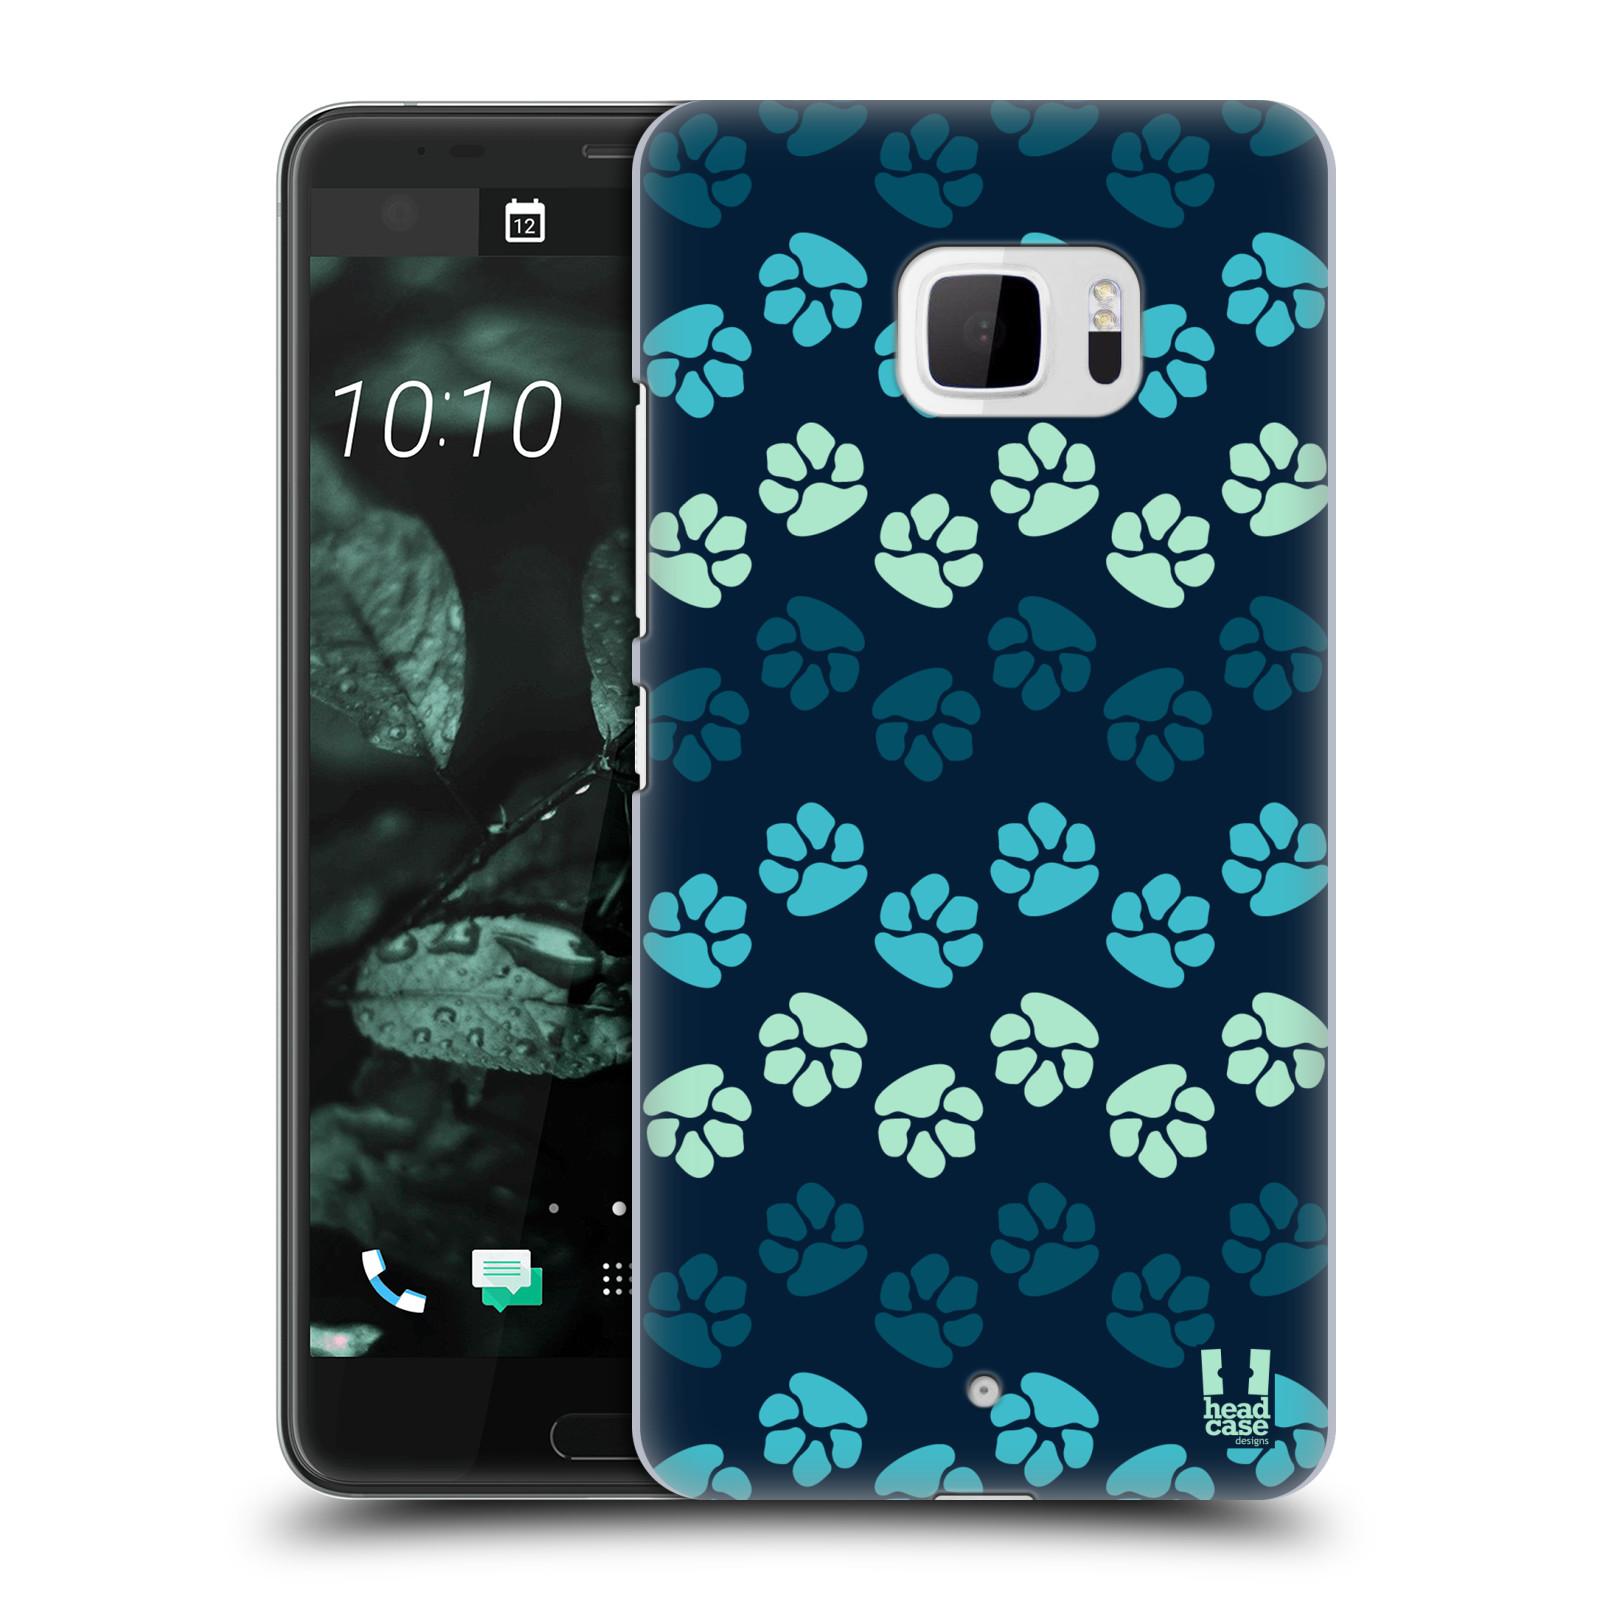 Plastové pouzdro na mobil HTC U Ultra Head Case - TLAPKY MODRÉ (Plastový kryt či obal na mobilní telefon HTC U Ultra (99HALT015-00))